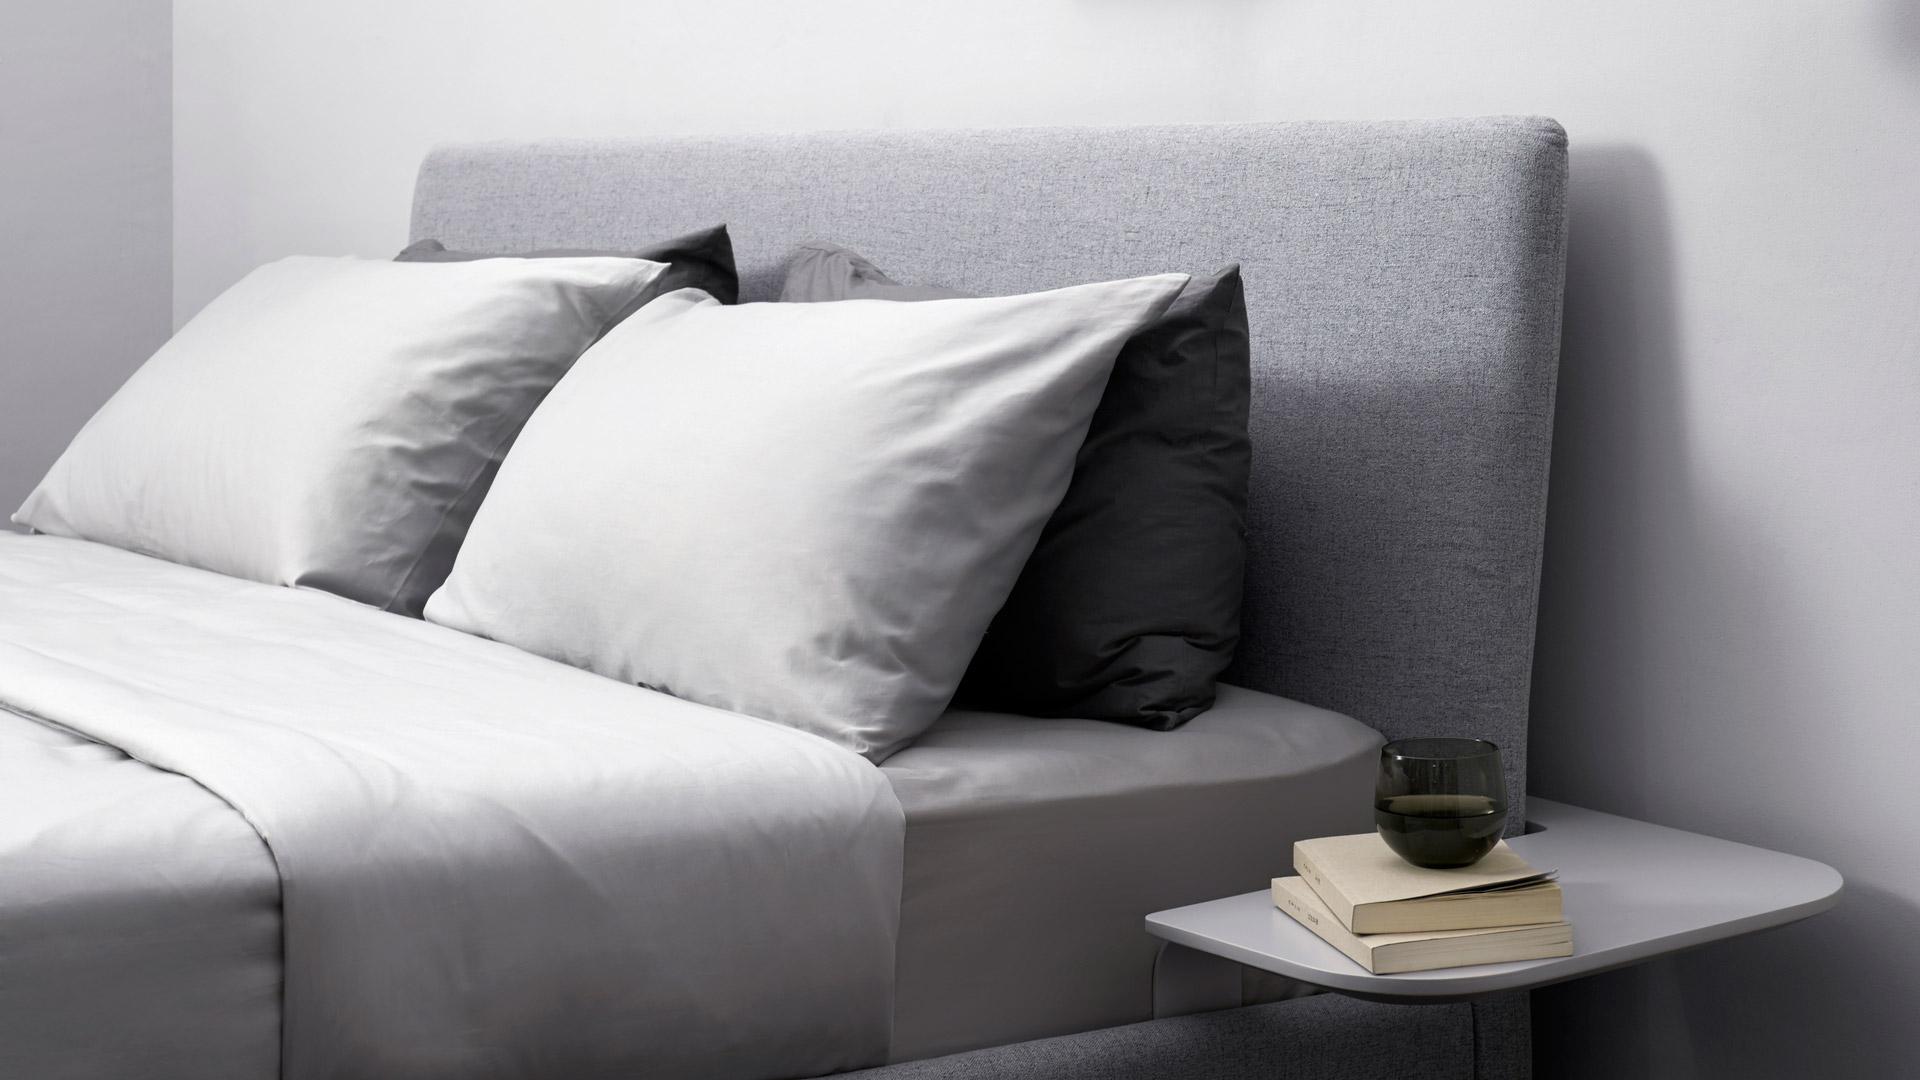 床品选择最稳妥的高级灰色,不让多余的色彩干扰睡眠,视觉感更加柔和清静,没有棱角和冰冷触感云帛床,床头再放置两排抱枕,随意靠躺在床,舒适度瞬间饱满。